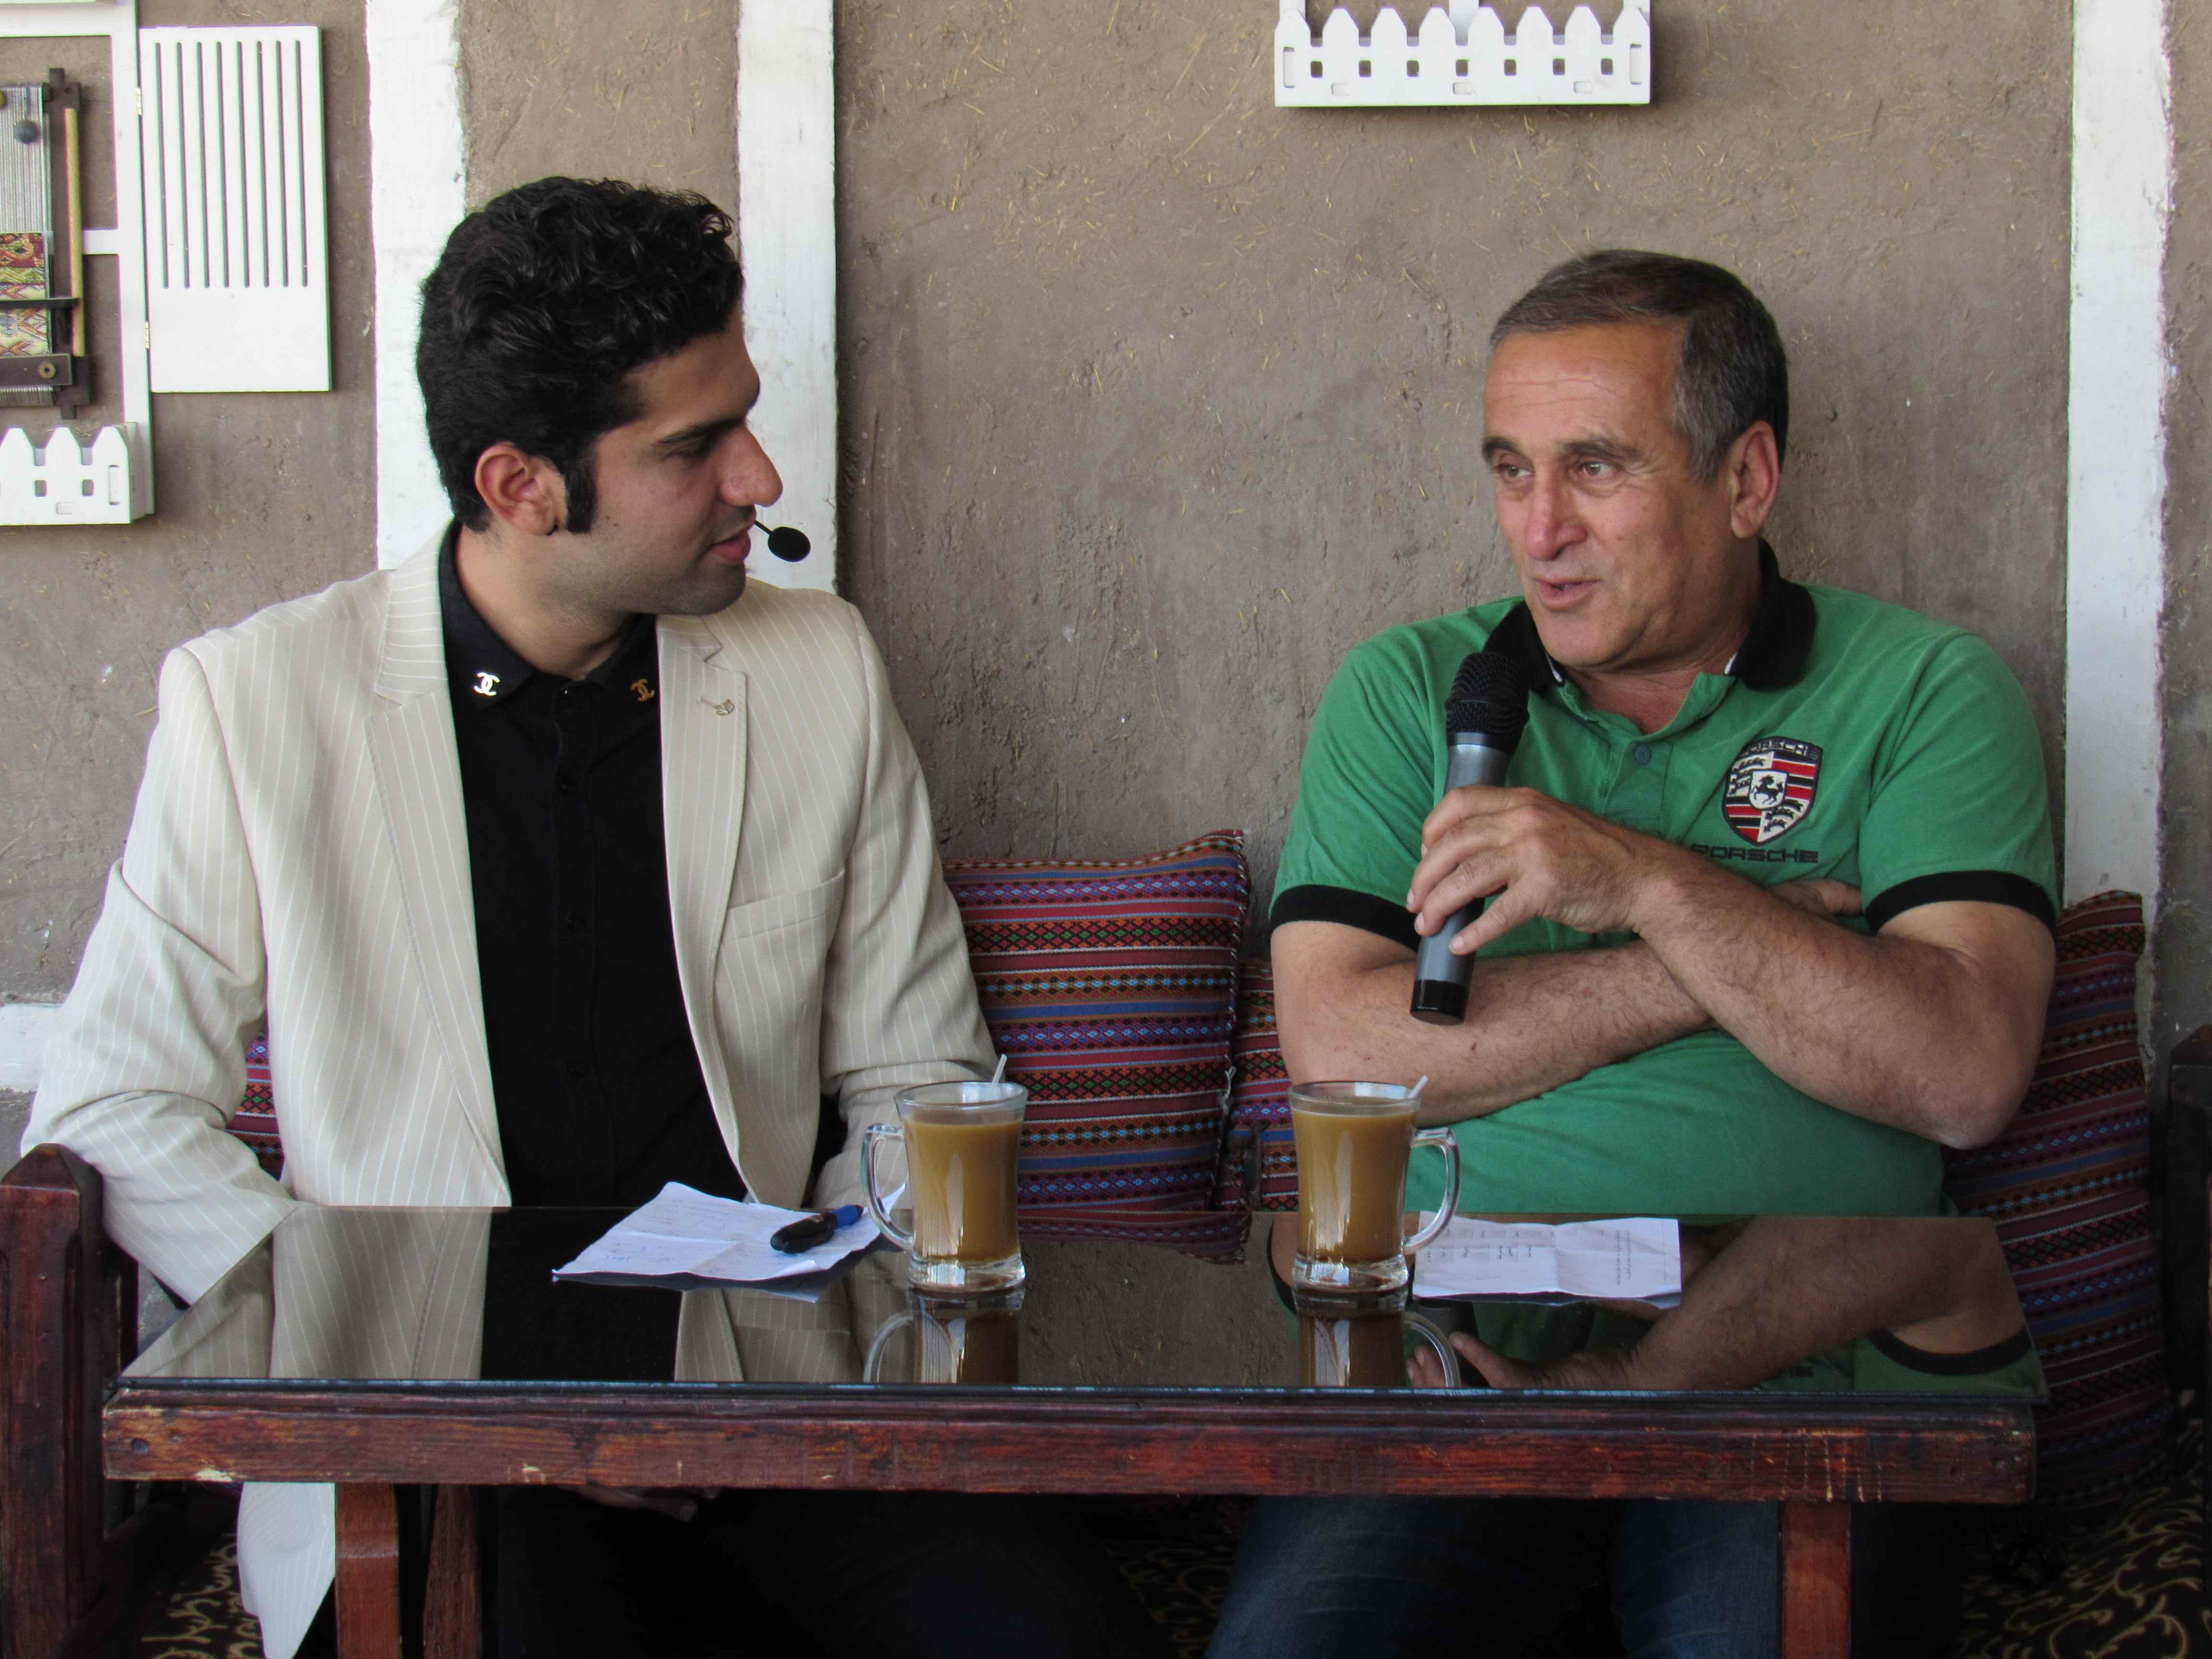 عیدانه فوتبالی/ گفتگوی دیدنی کرمان ساکر با مسعود بهرامپور سرمربی فولاد بردسیر